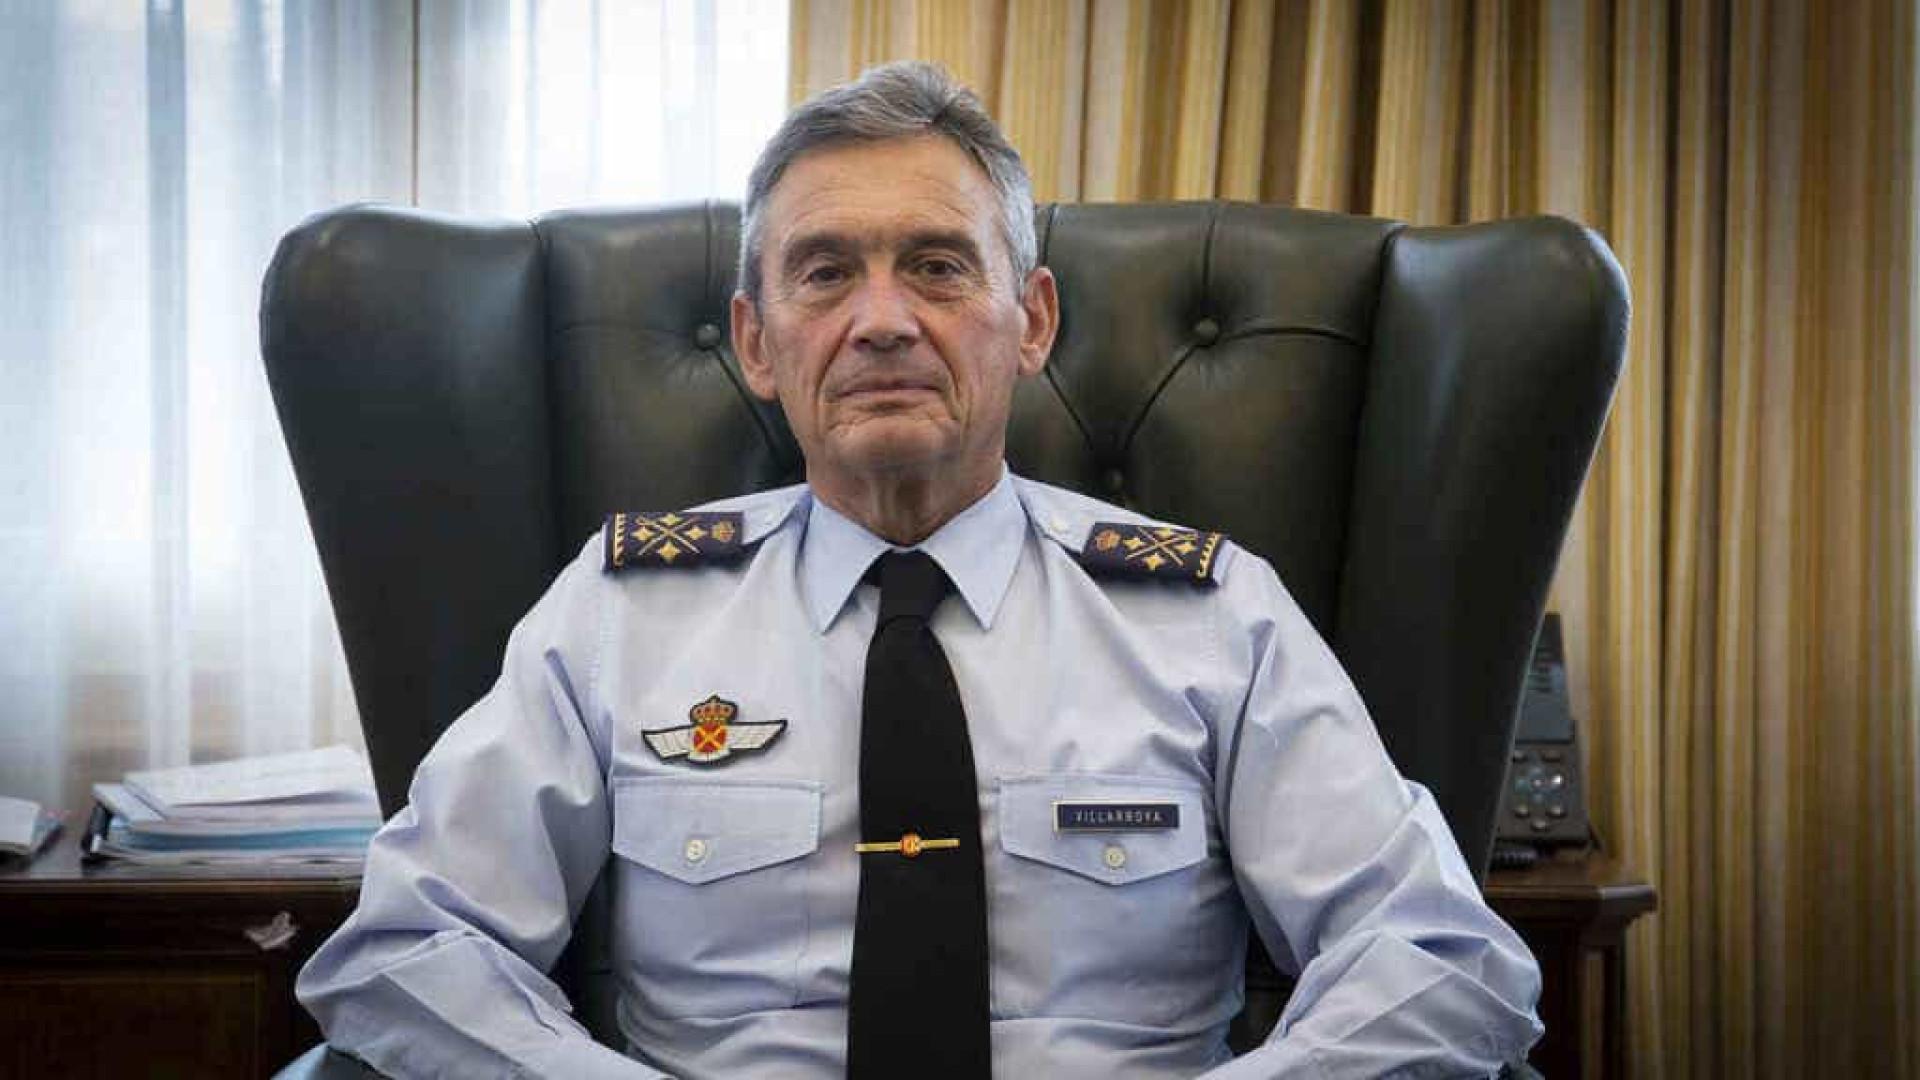 Acusado de furar fila da vacina, chefe do Estado-Maior espanhol renuncia